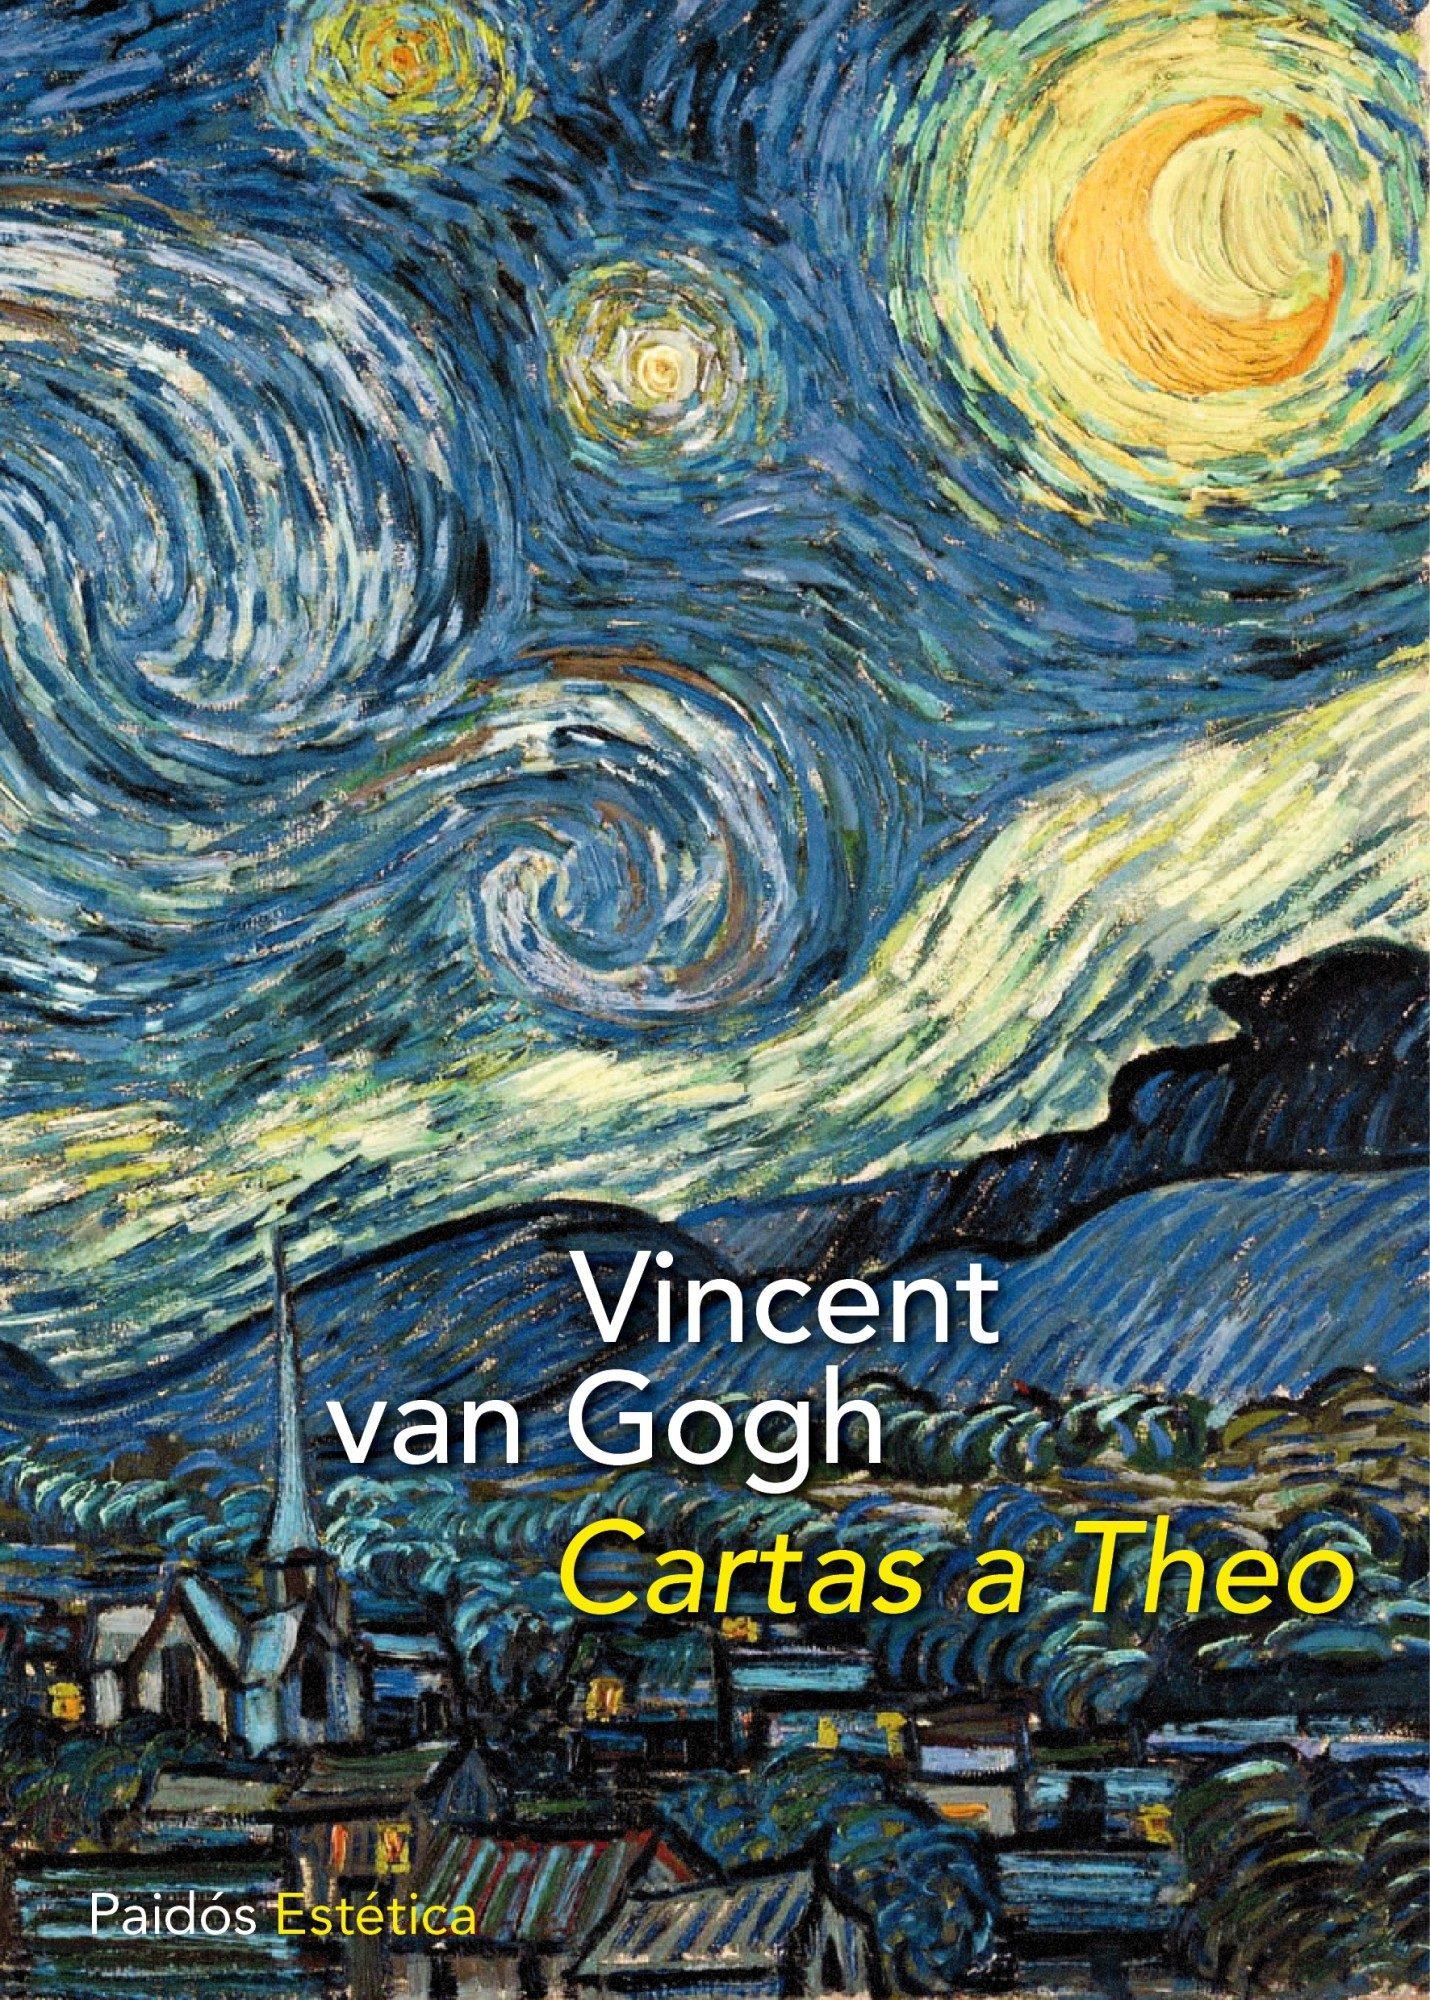 Biblioreseñas Cartas A Theo De Vincent Van Gogh